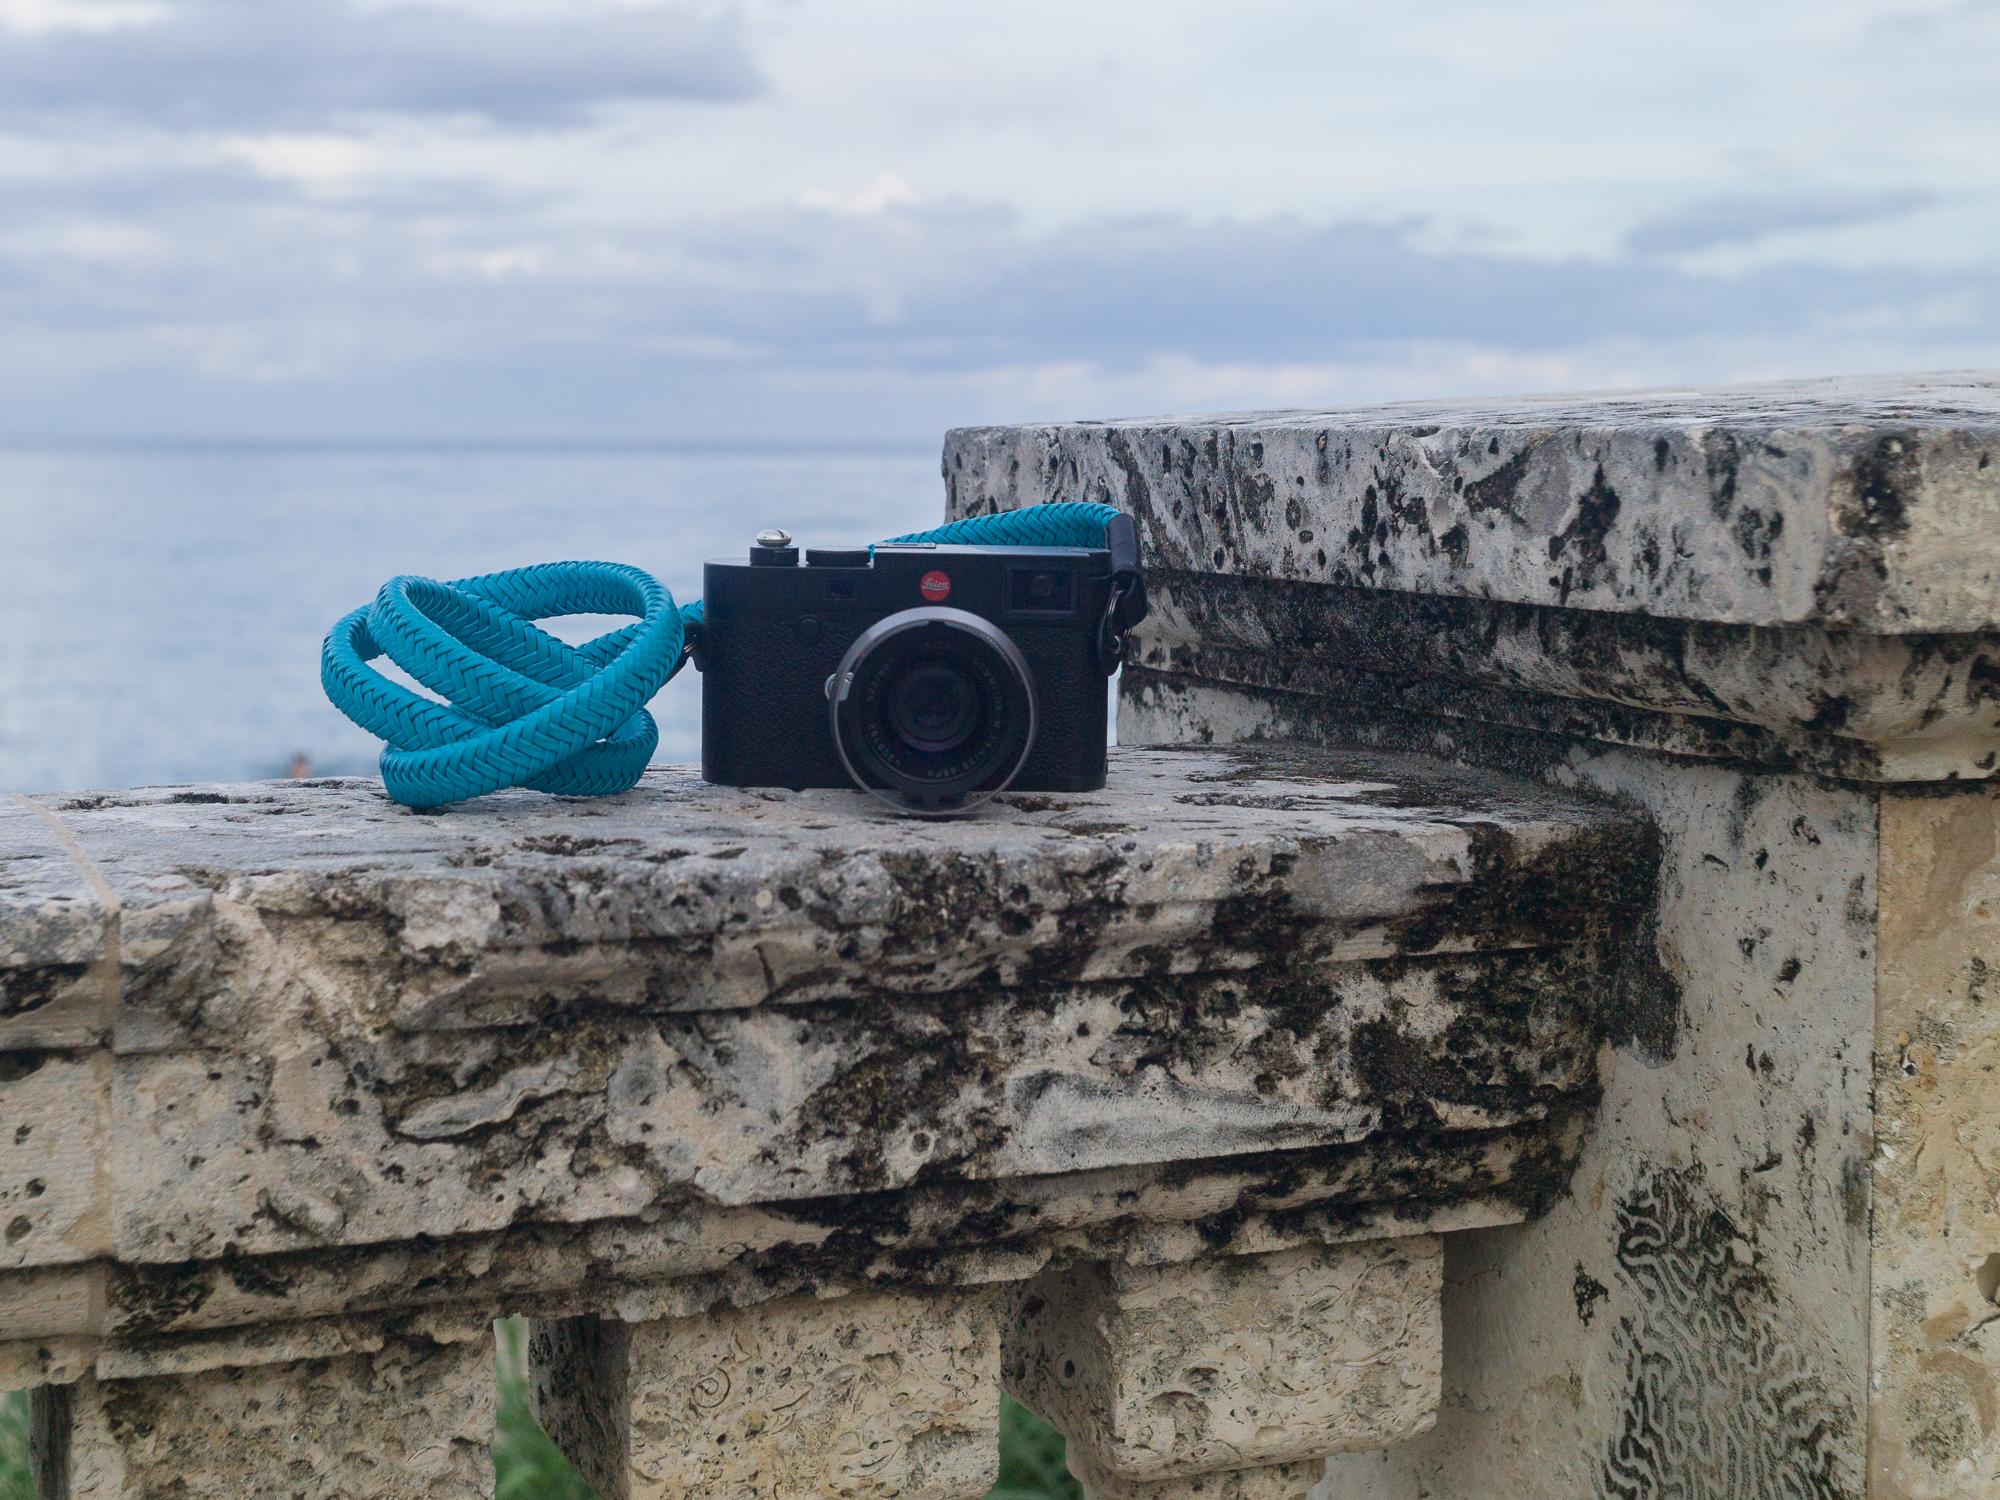 Vi Vante Matador miami blue braided leather camera strap 2.jpg